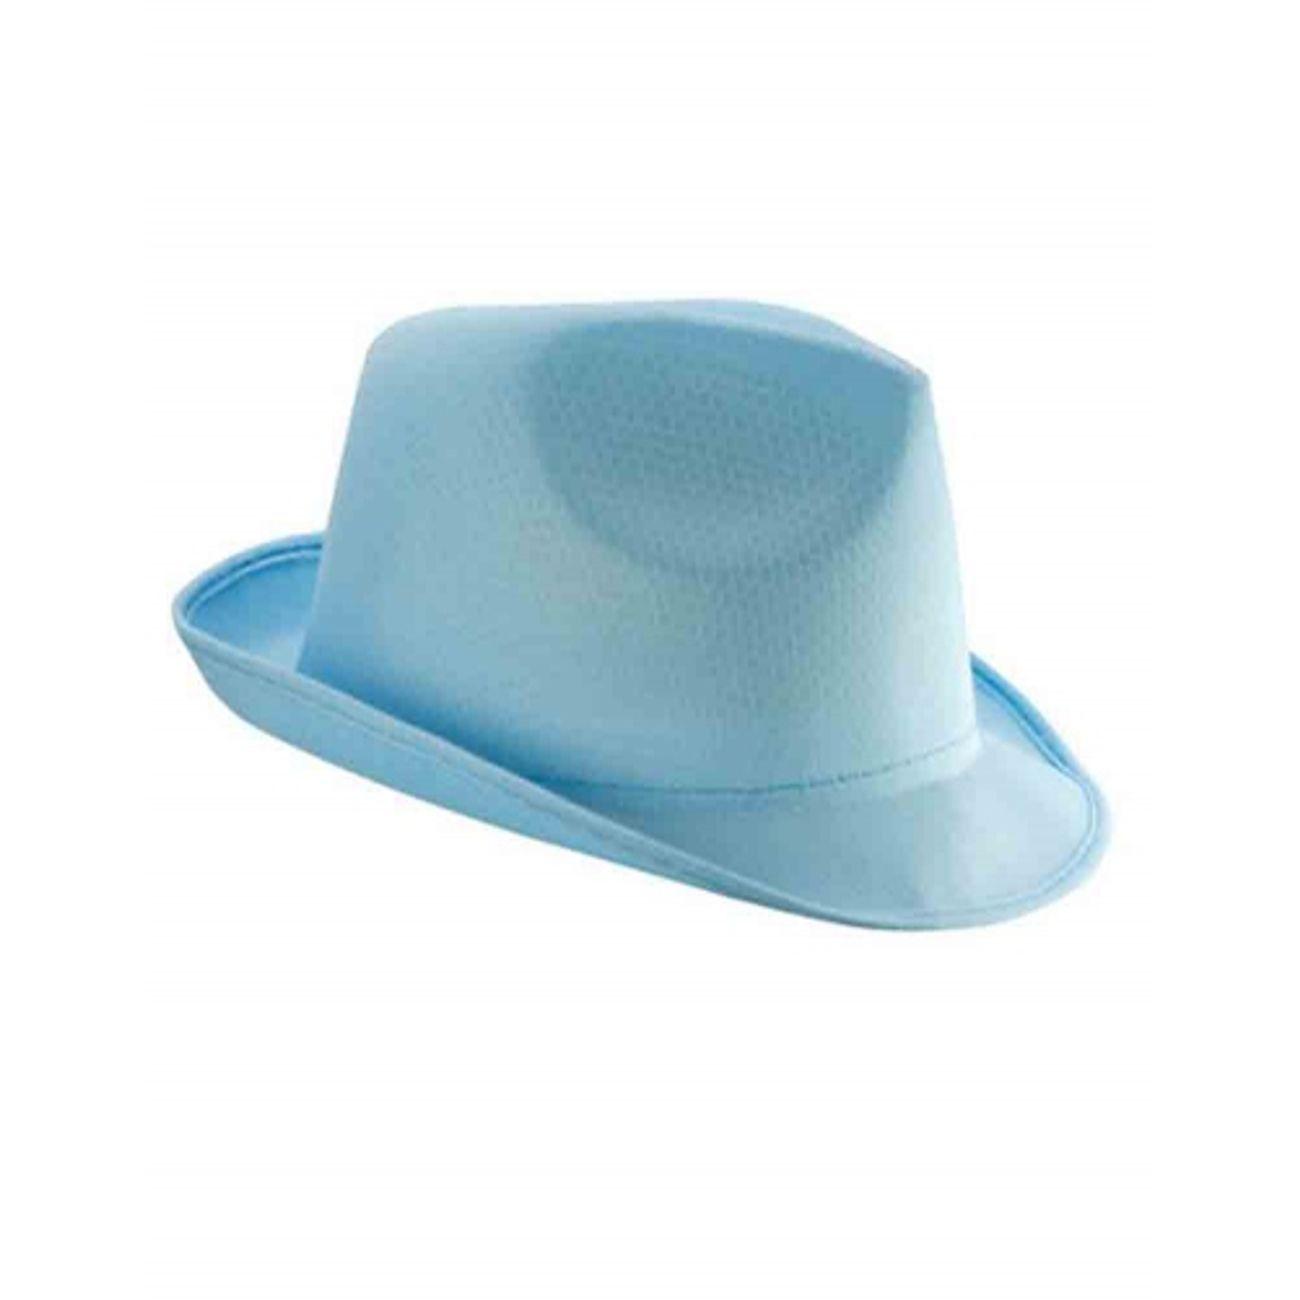 chapeau-leger---coloris-bleu-clair---adulte---c2078---taille-unique---ideal-pour-soirees-disco-bals-costumes 1 v1.jpeg 90a224f677b